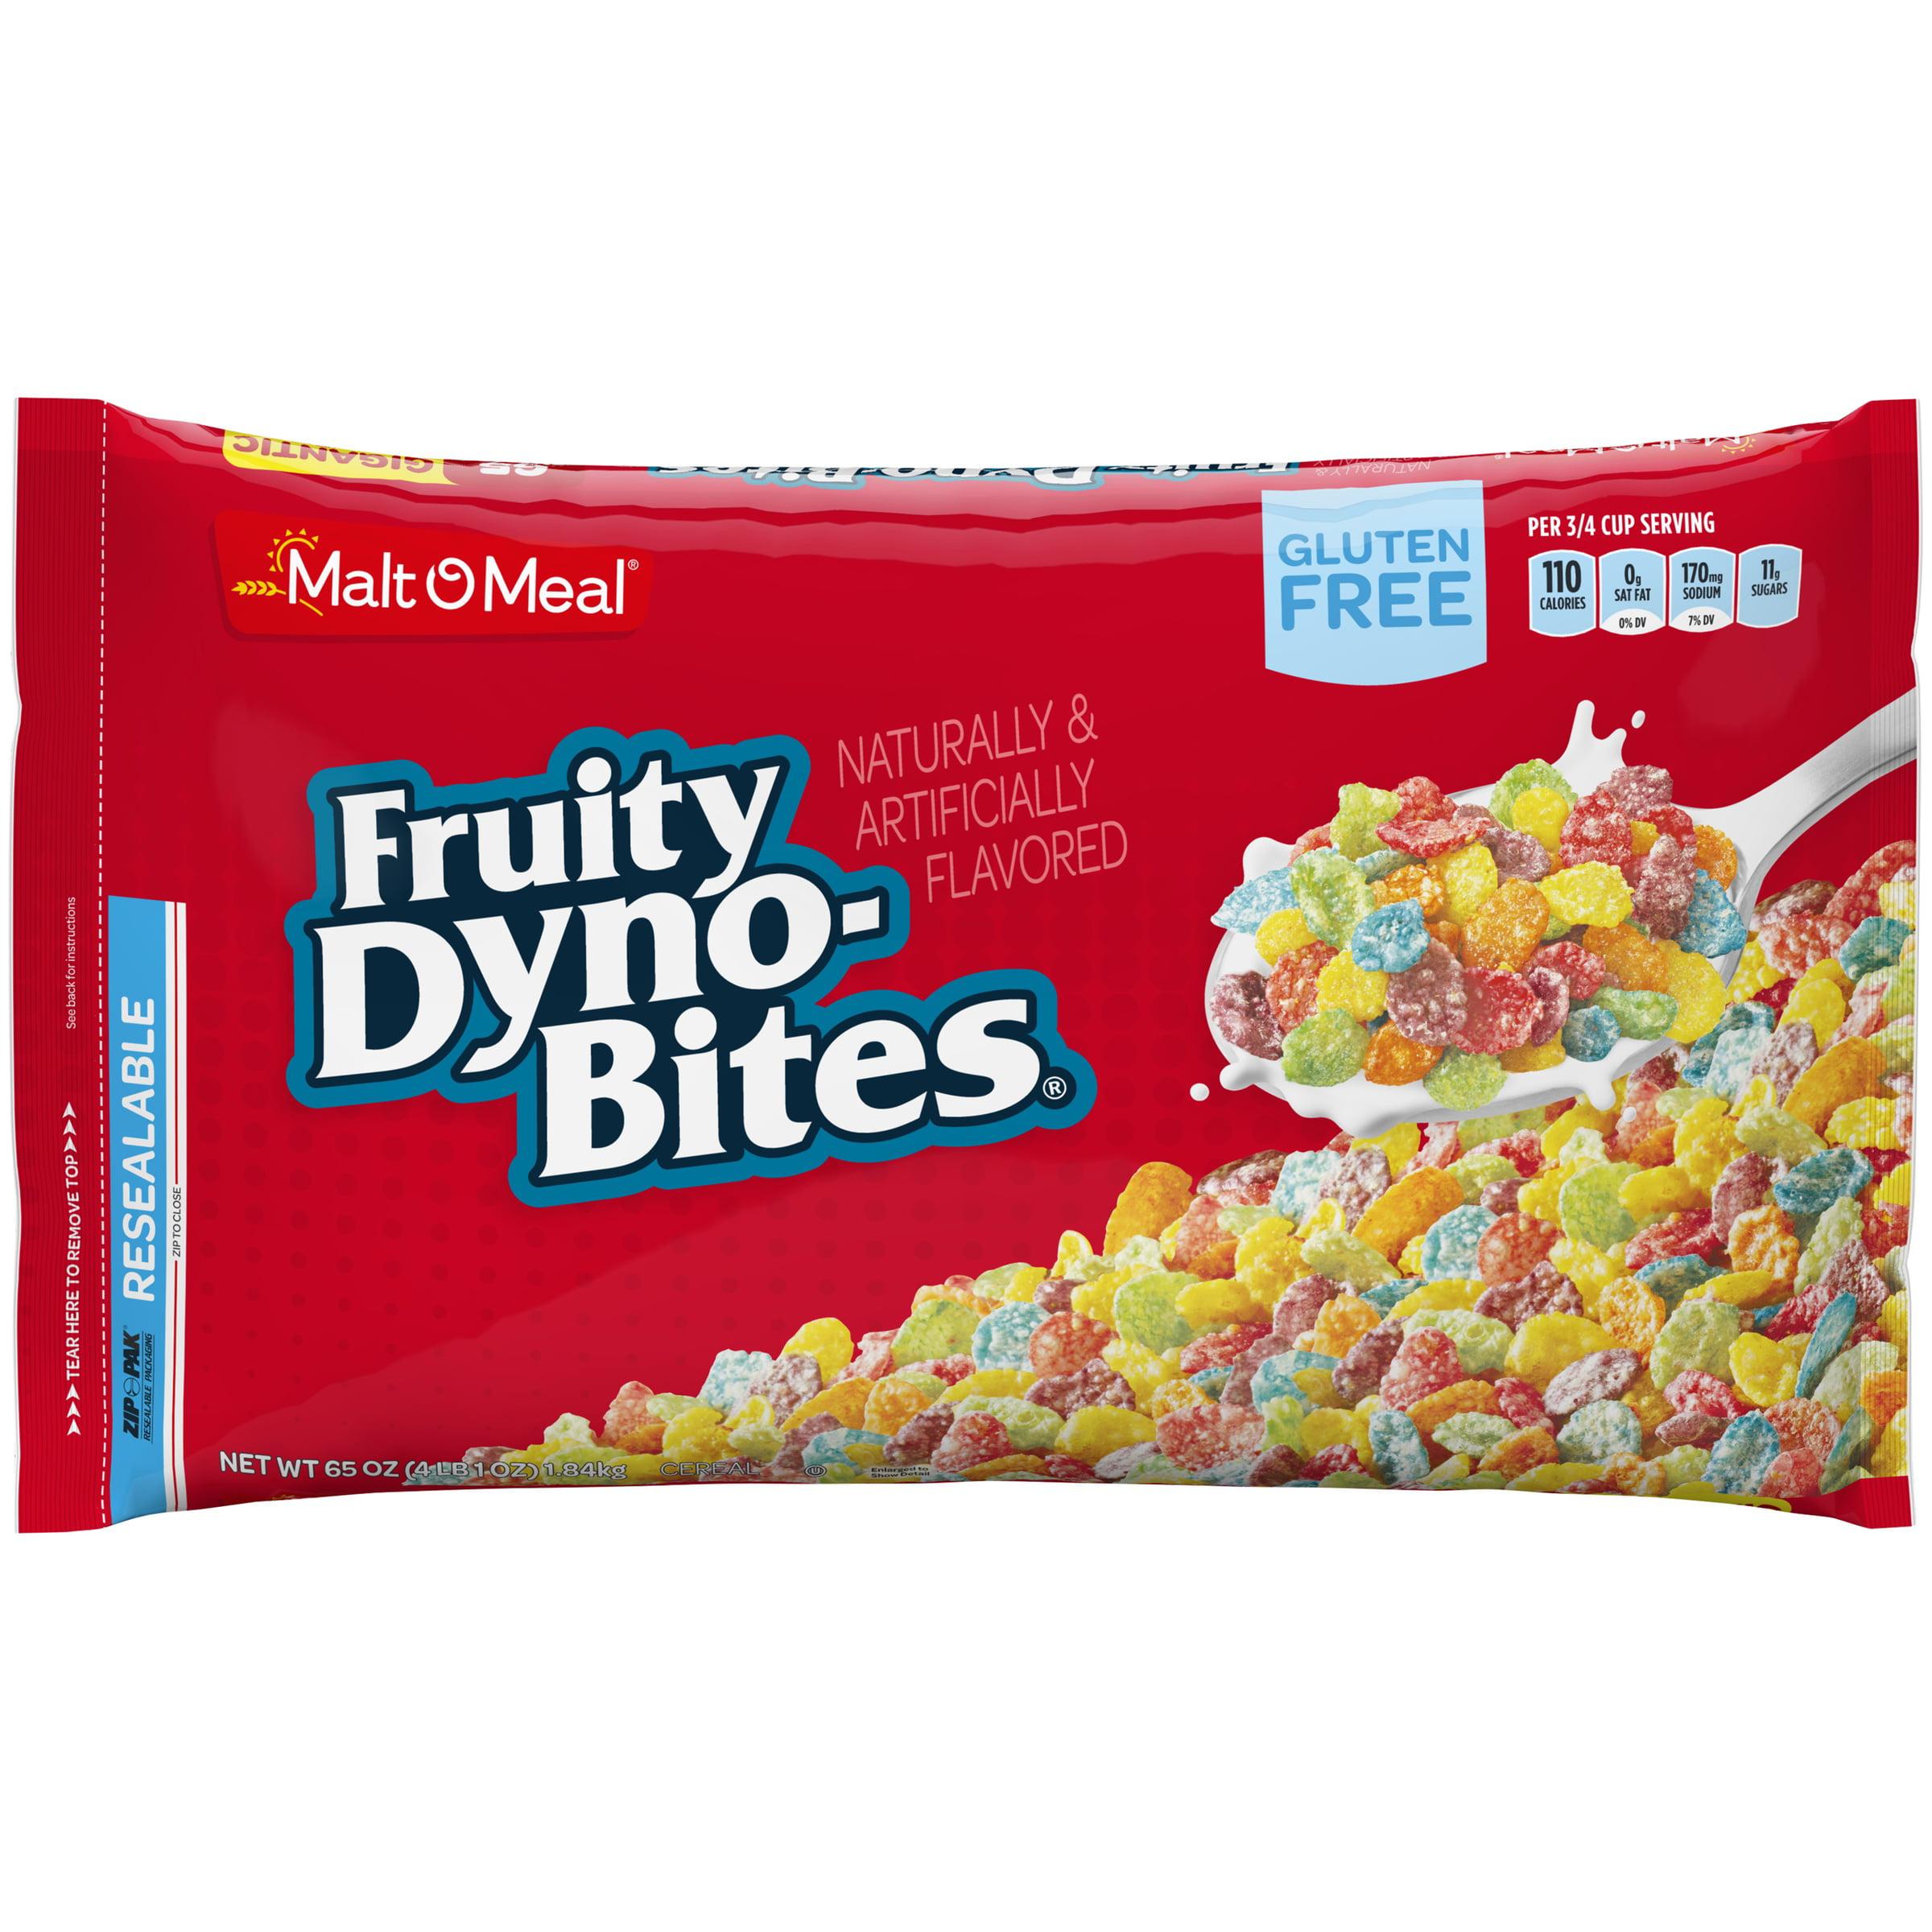 Malt-O-Meal Gluten Free Cereal, Fruity Dyno Bites, 65 Oz